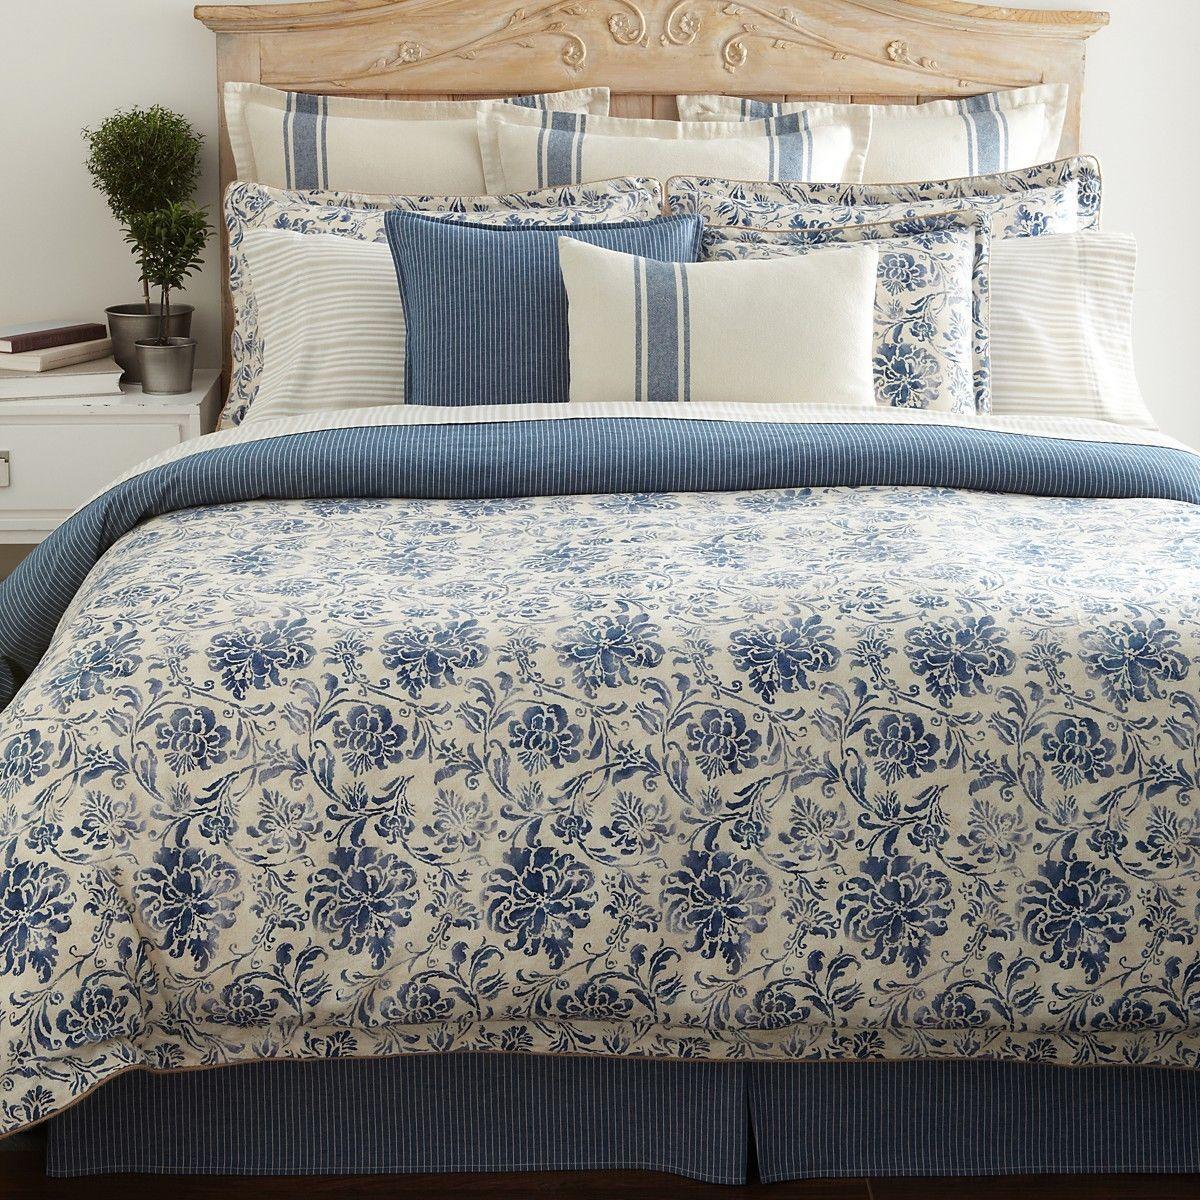 home lauren bedding zi blush covers dillards collections duvet brand ralph